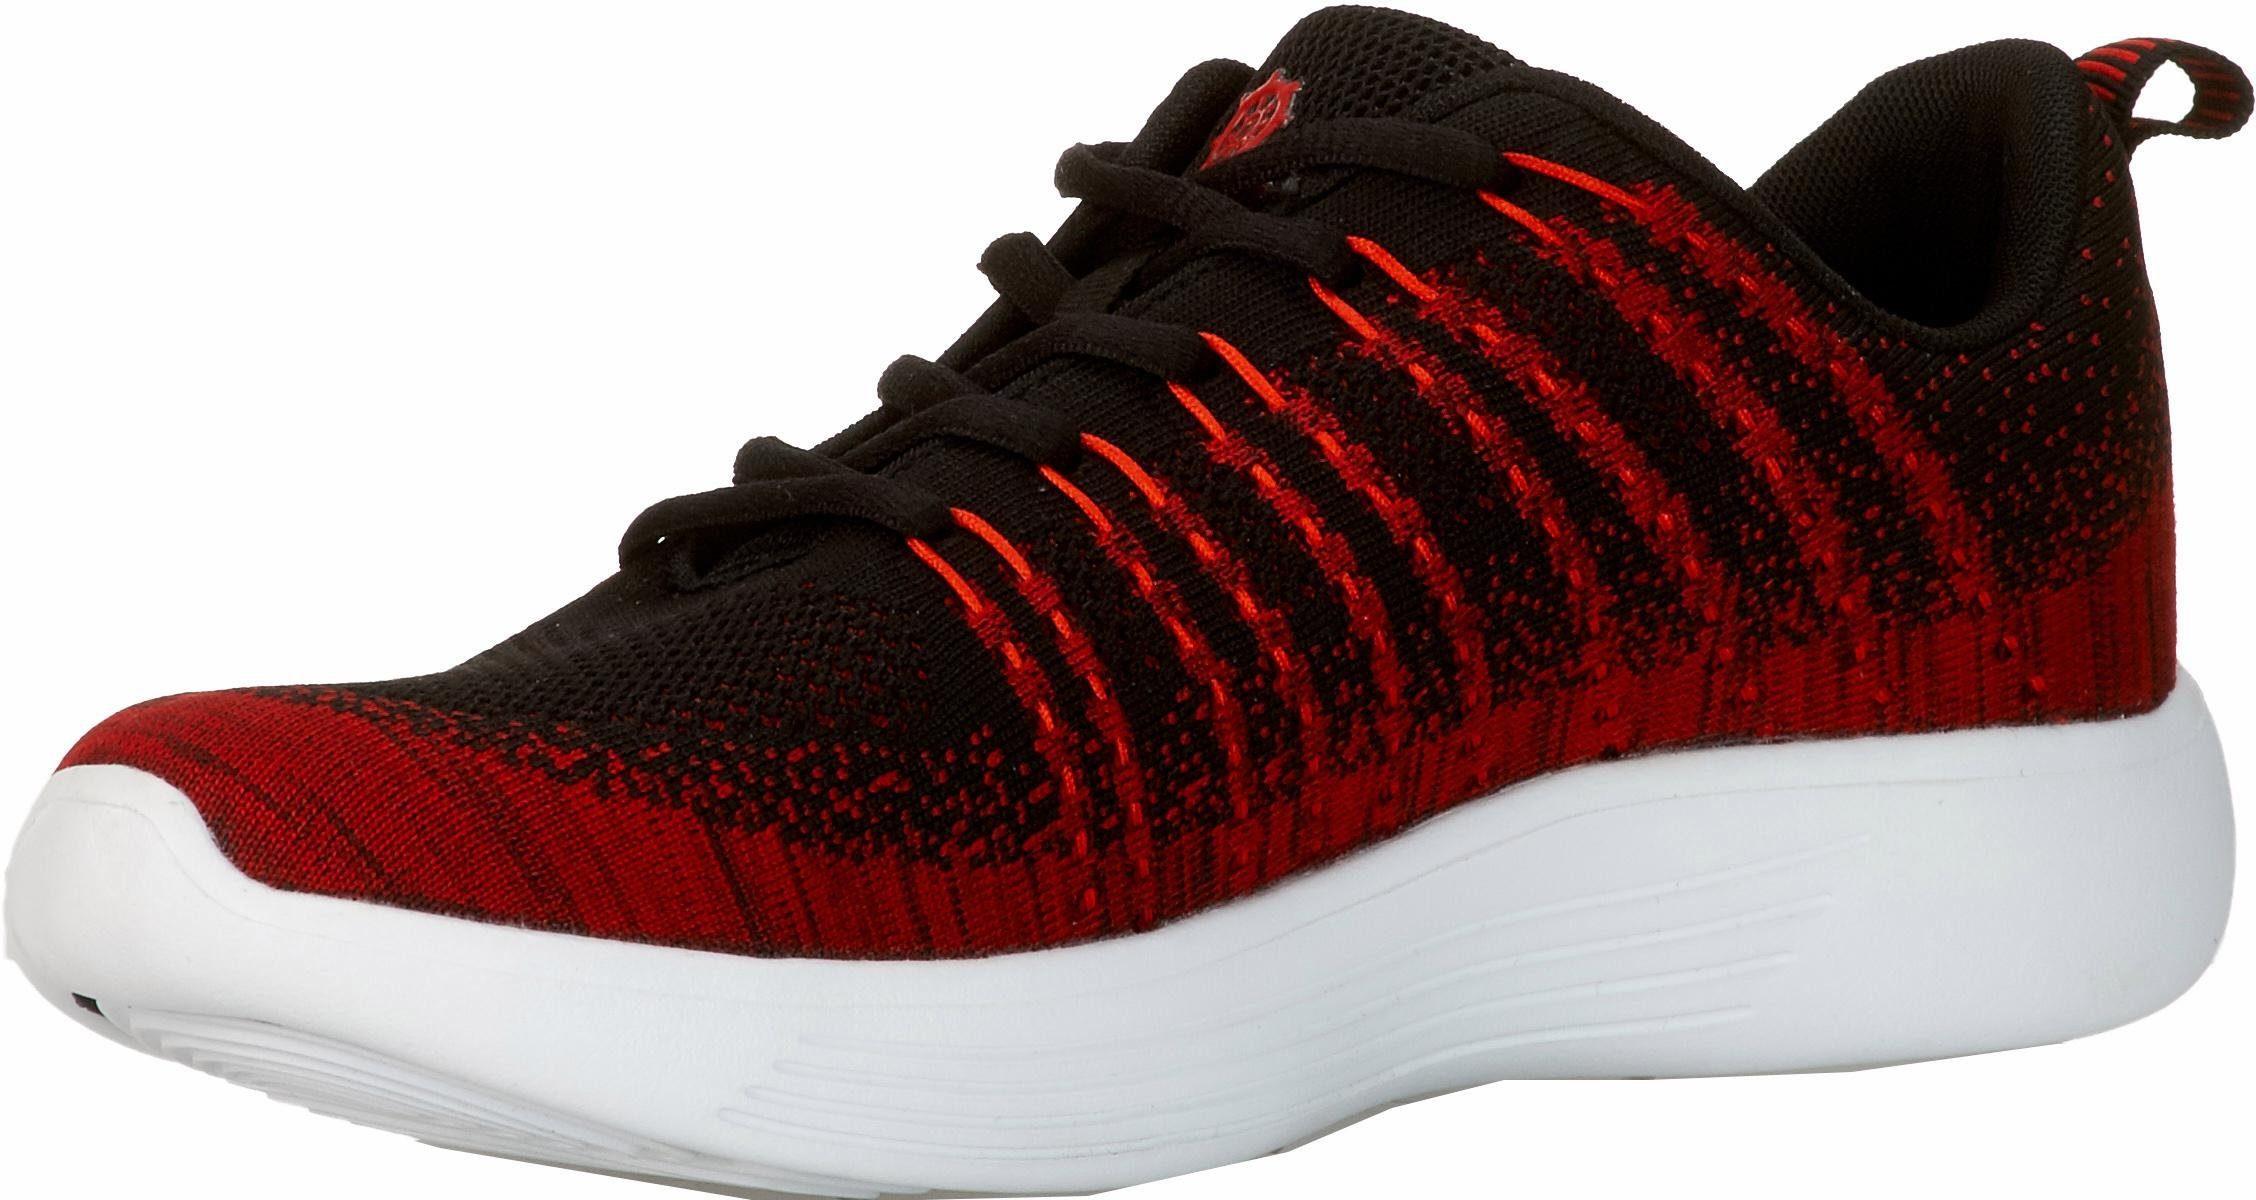 Ballop Mix Sneaker online kaufen  rot-schwarz